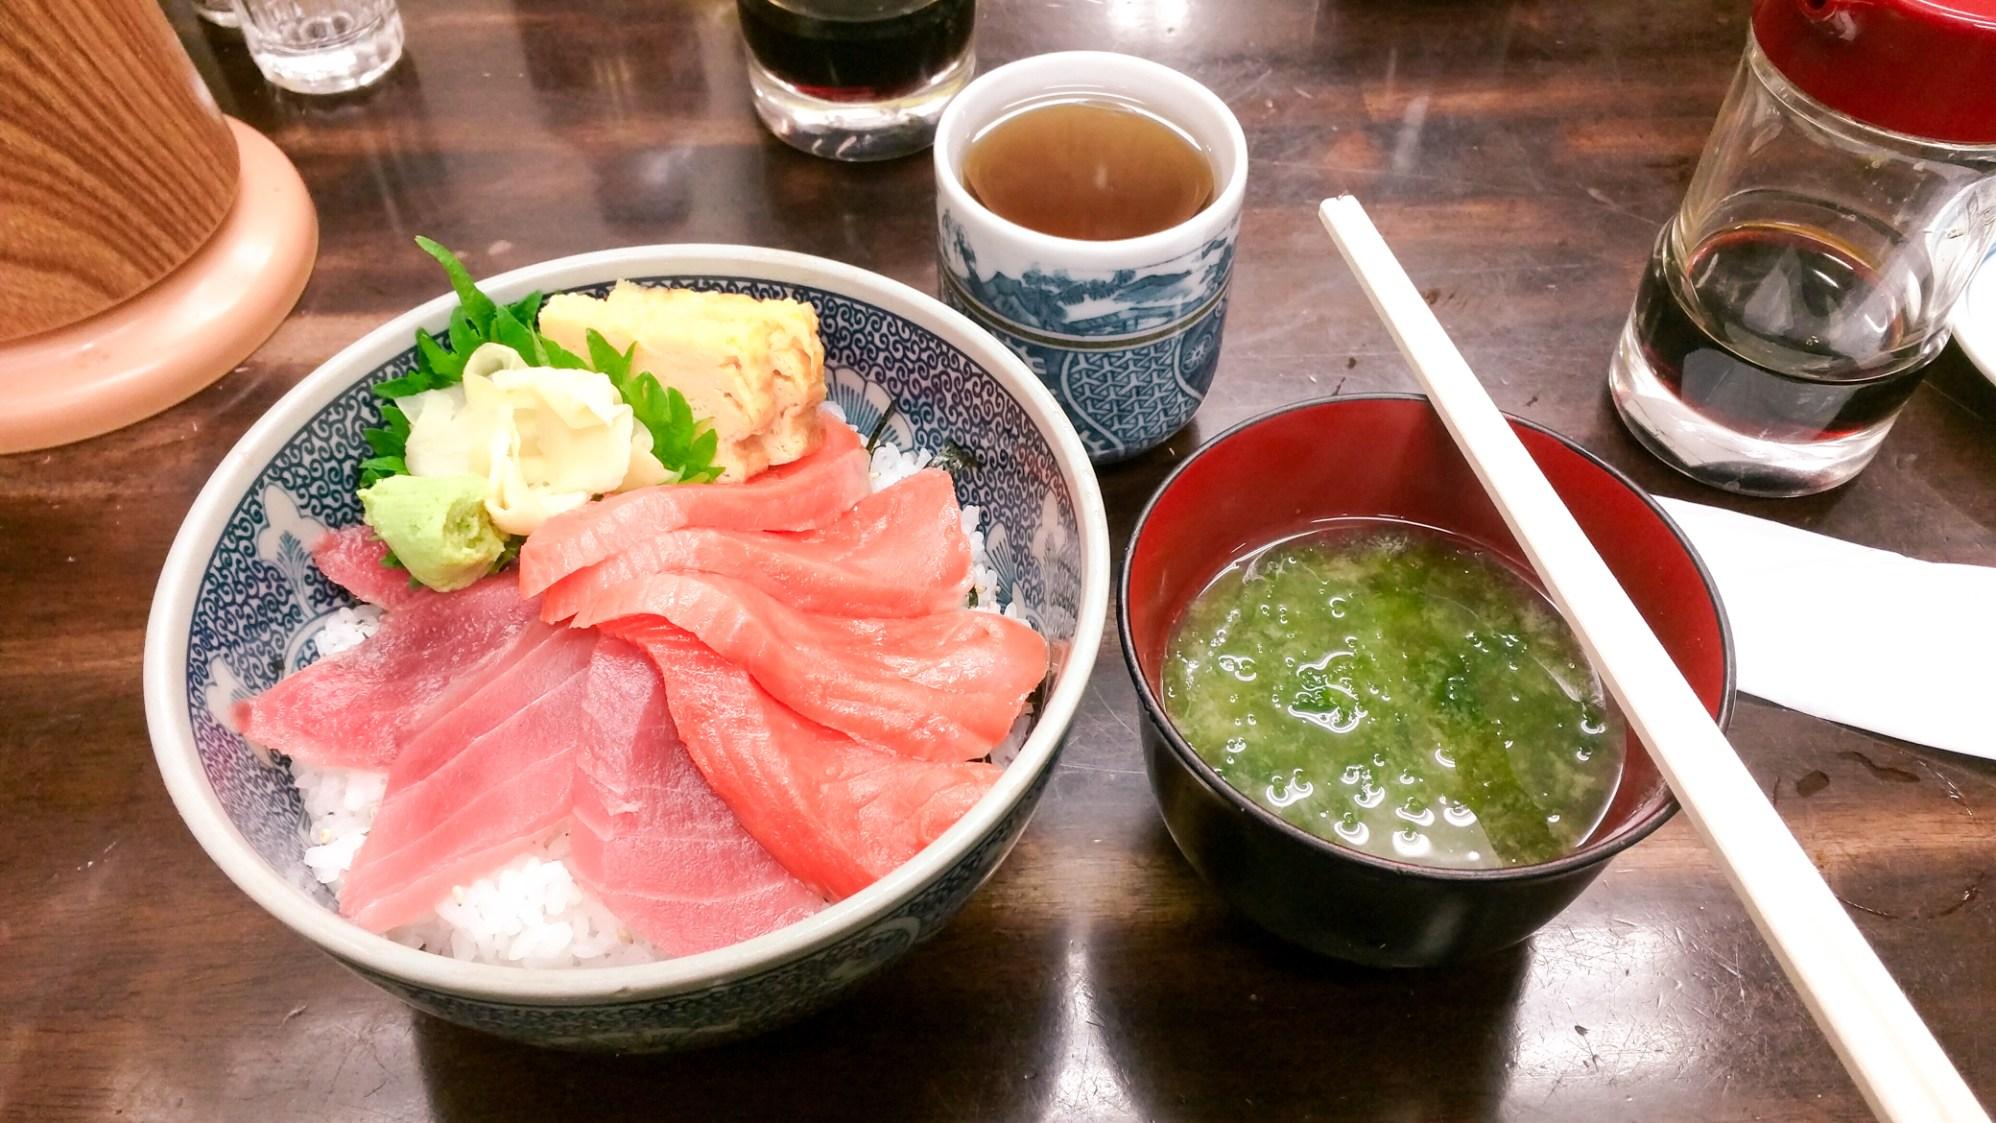 Ander's seafood bowl from Tsukiji Fish Market